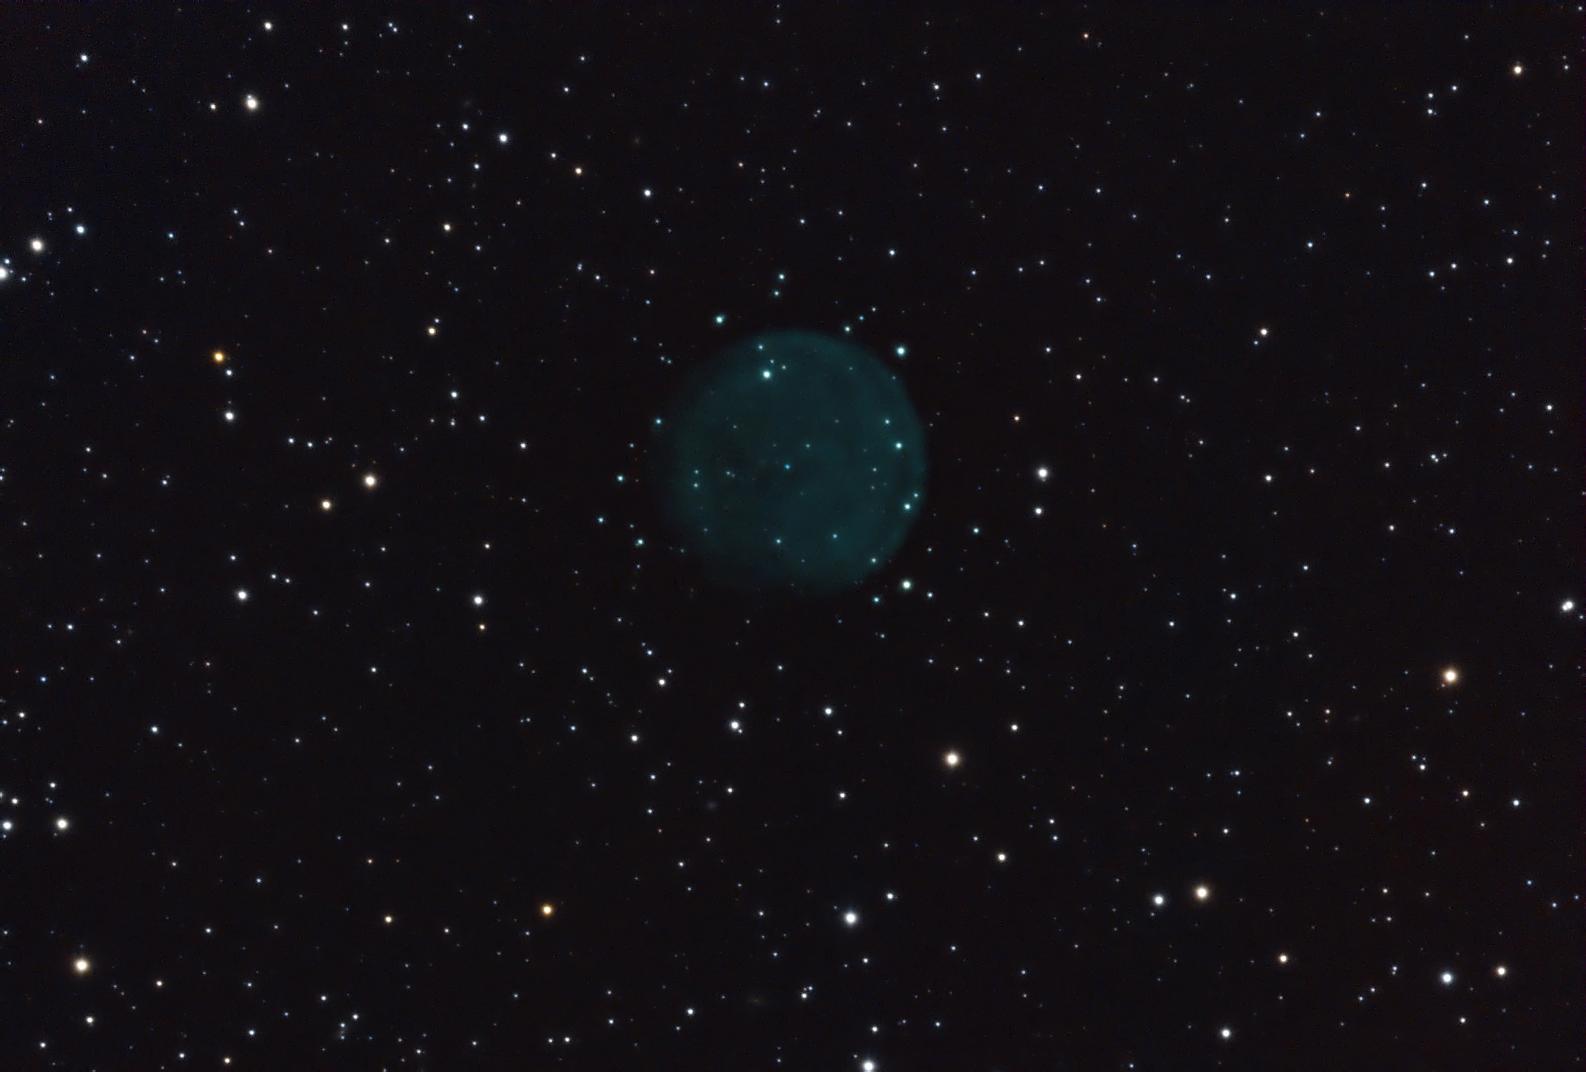 Abell 61 Planetary Nebula